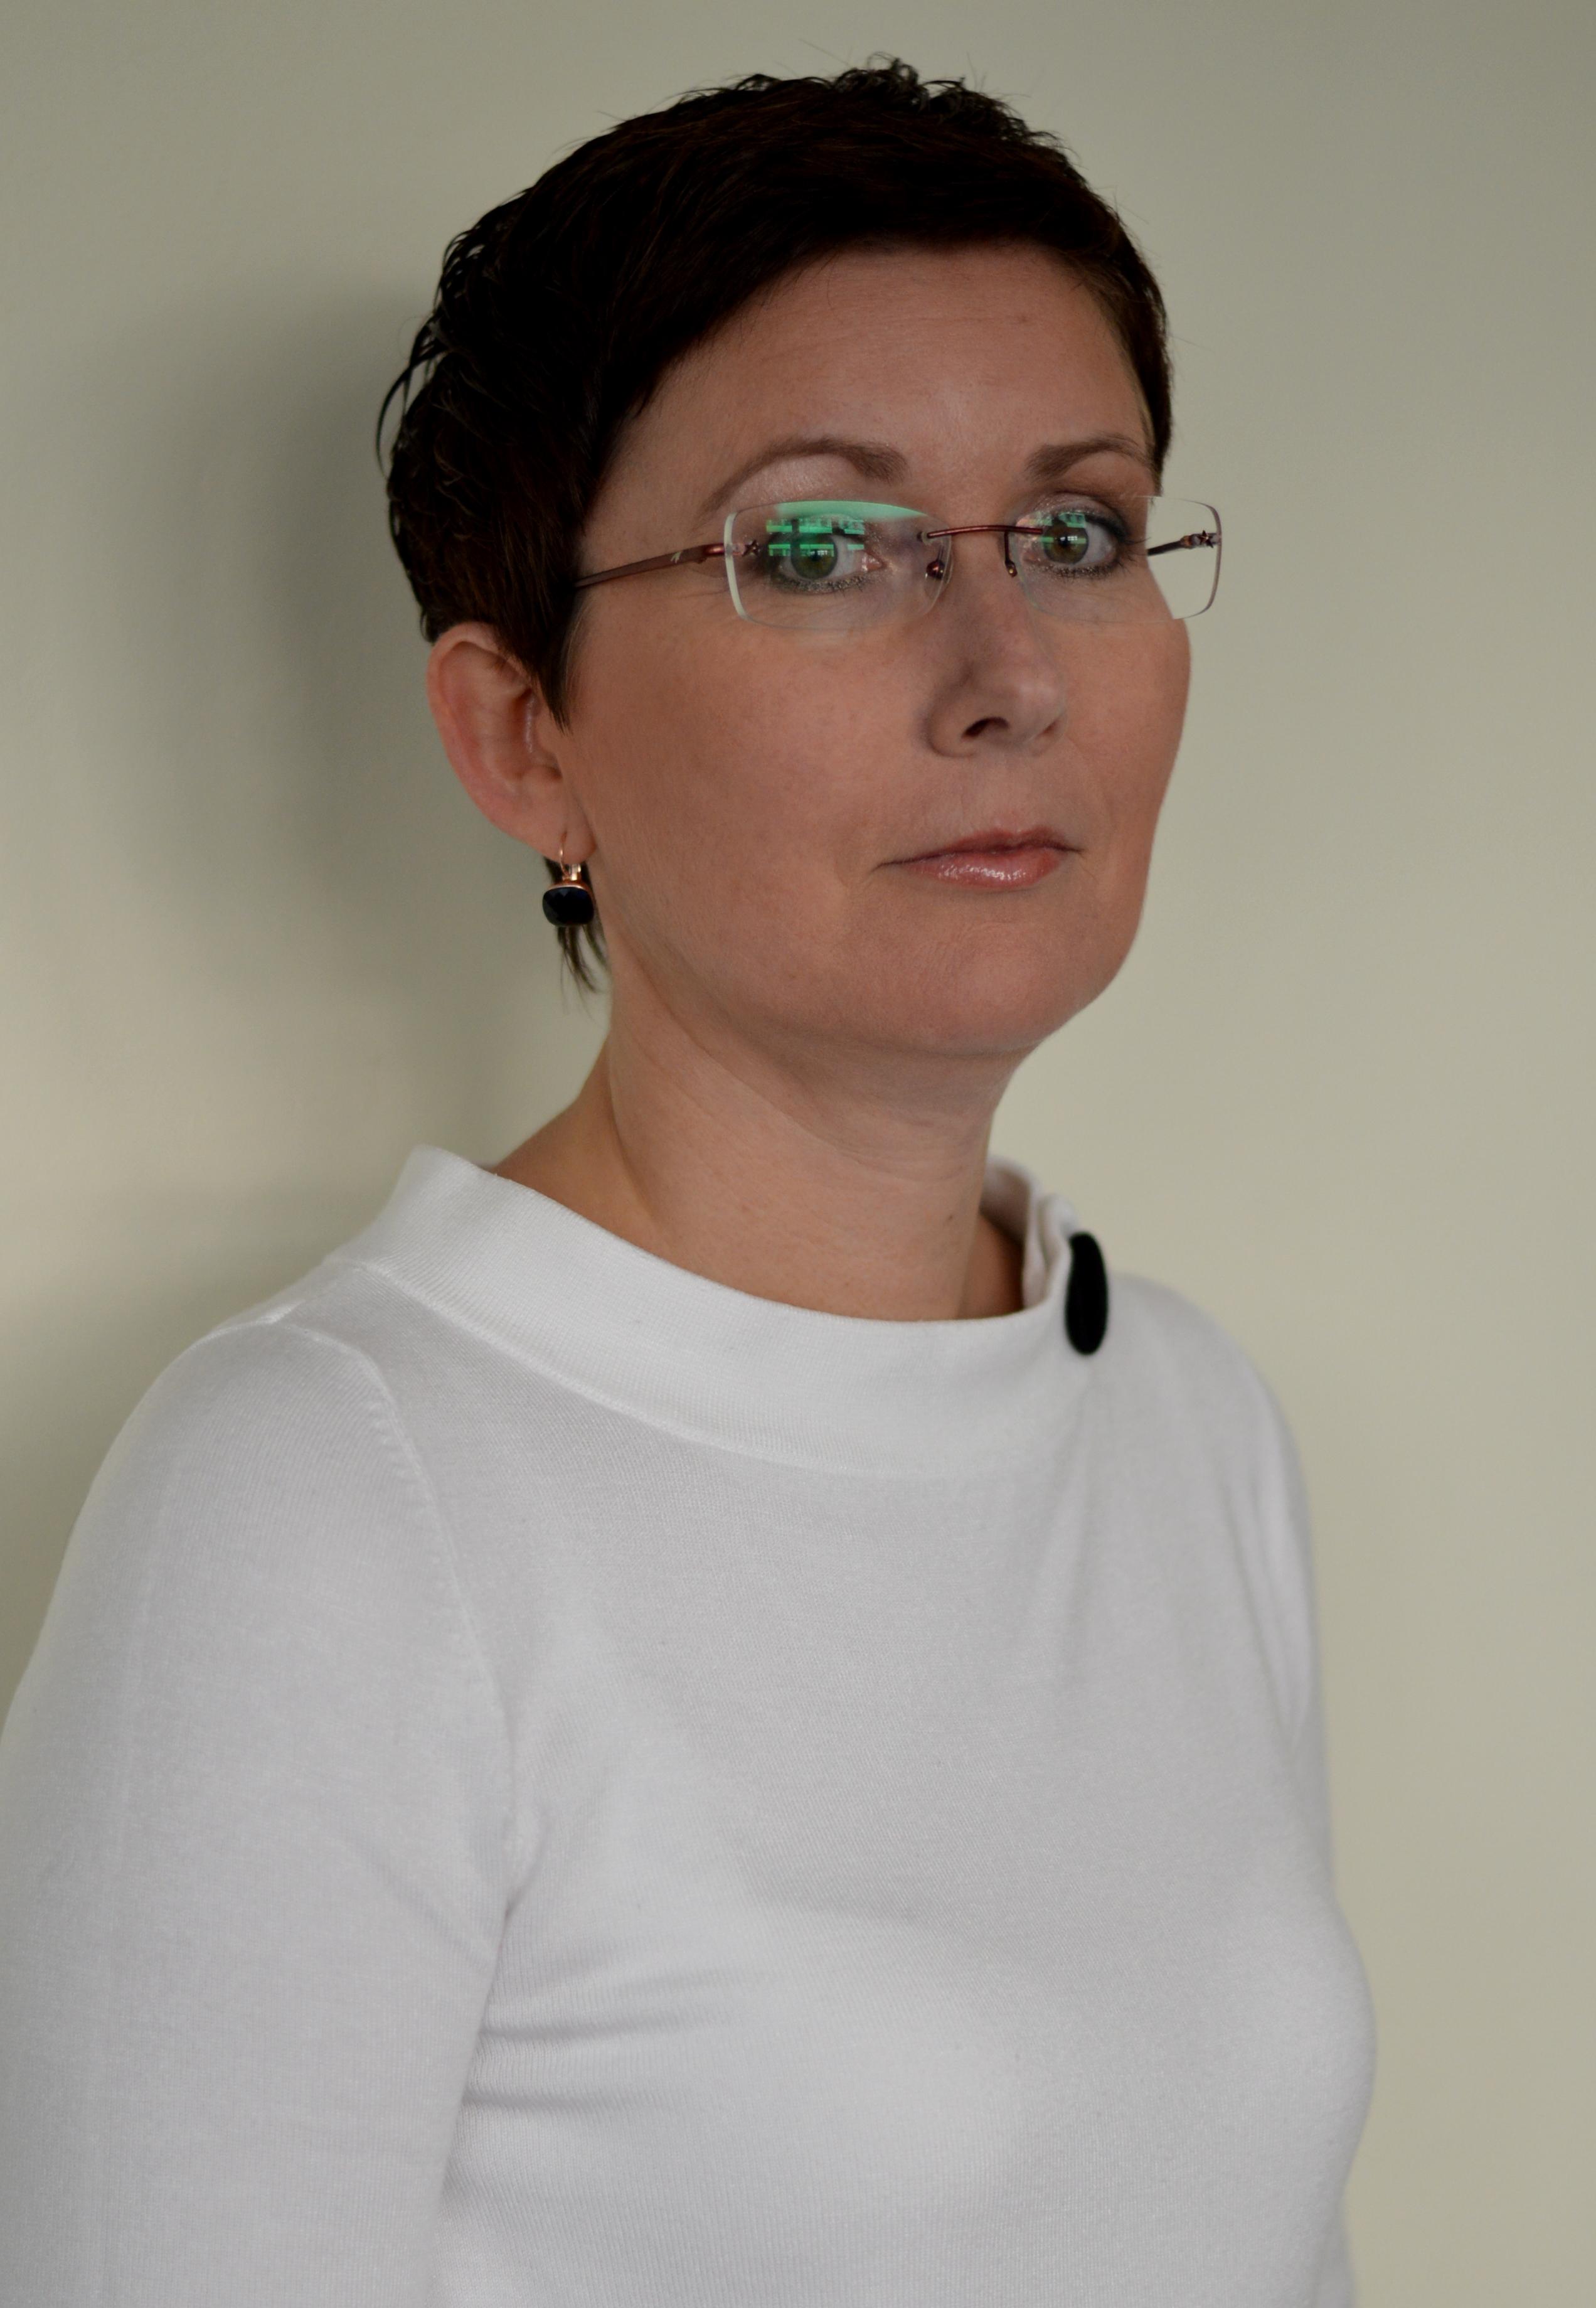 Linda_Venskus